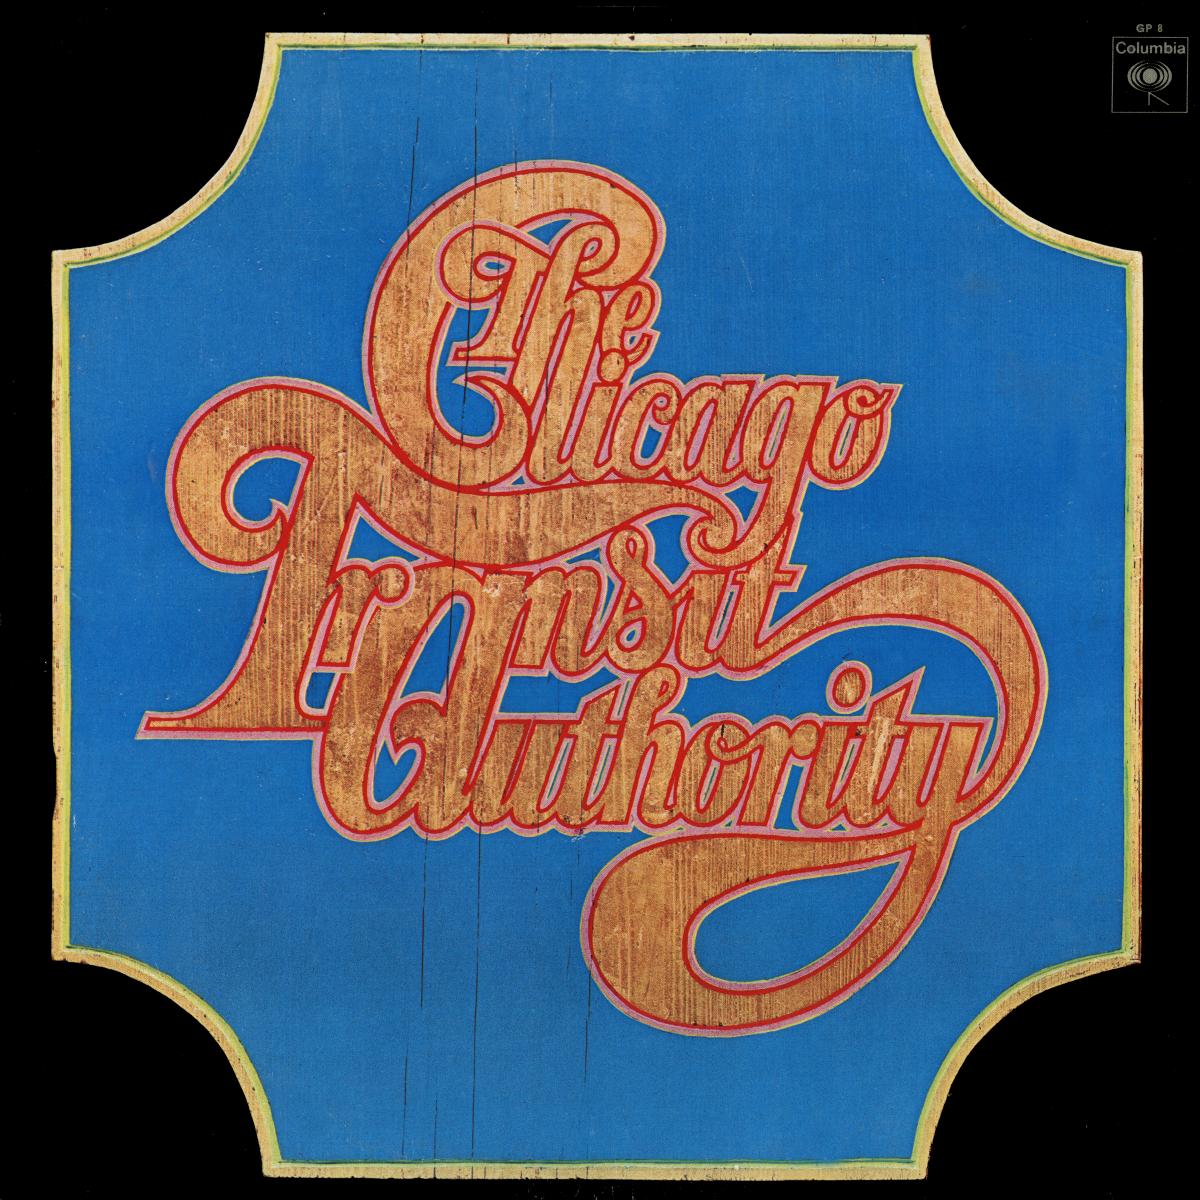 Chicago Chicago Transit Authority Vinyl Album Covers Com